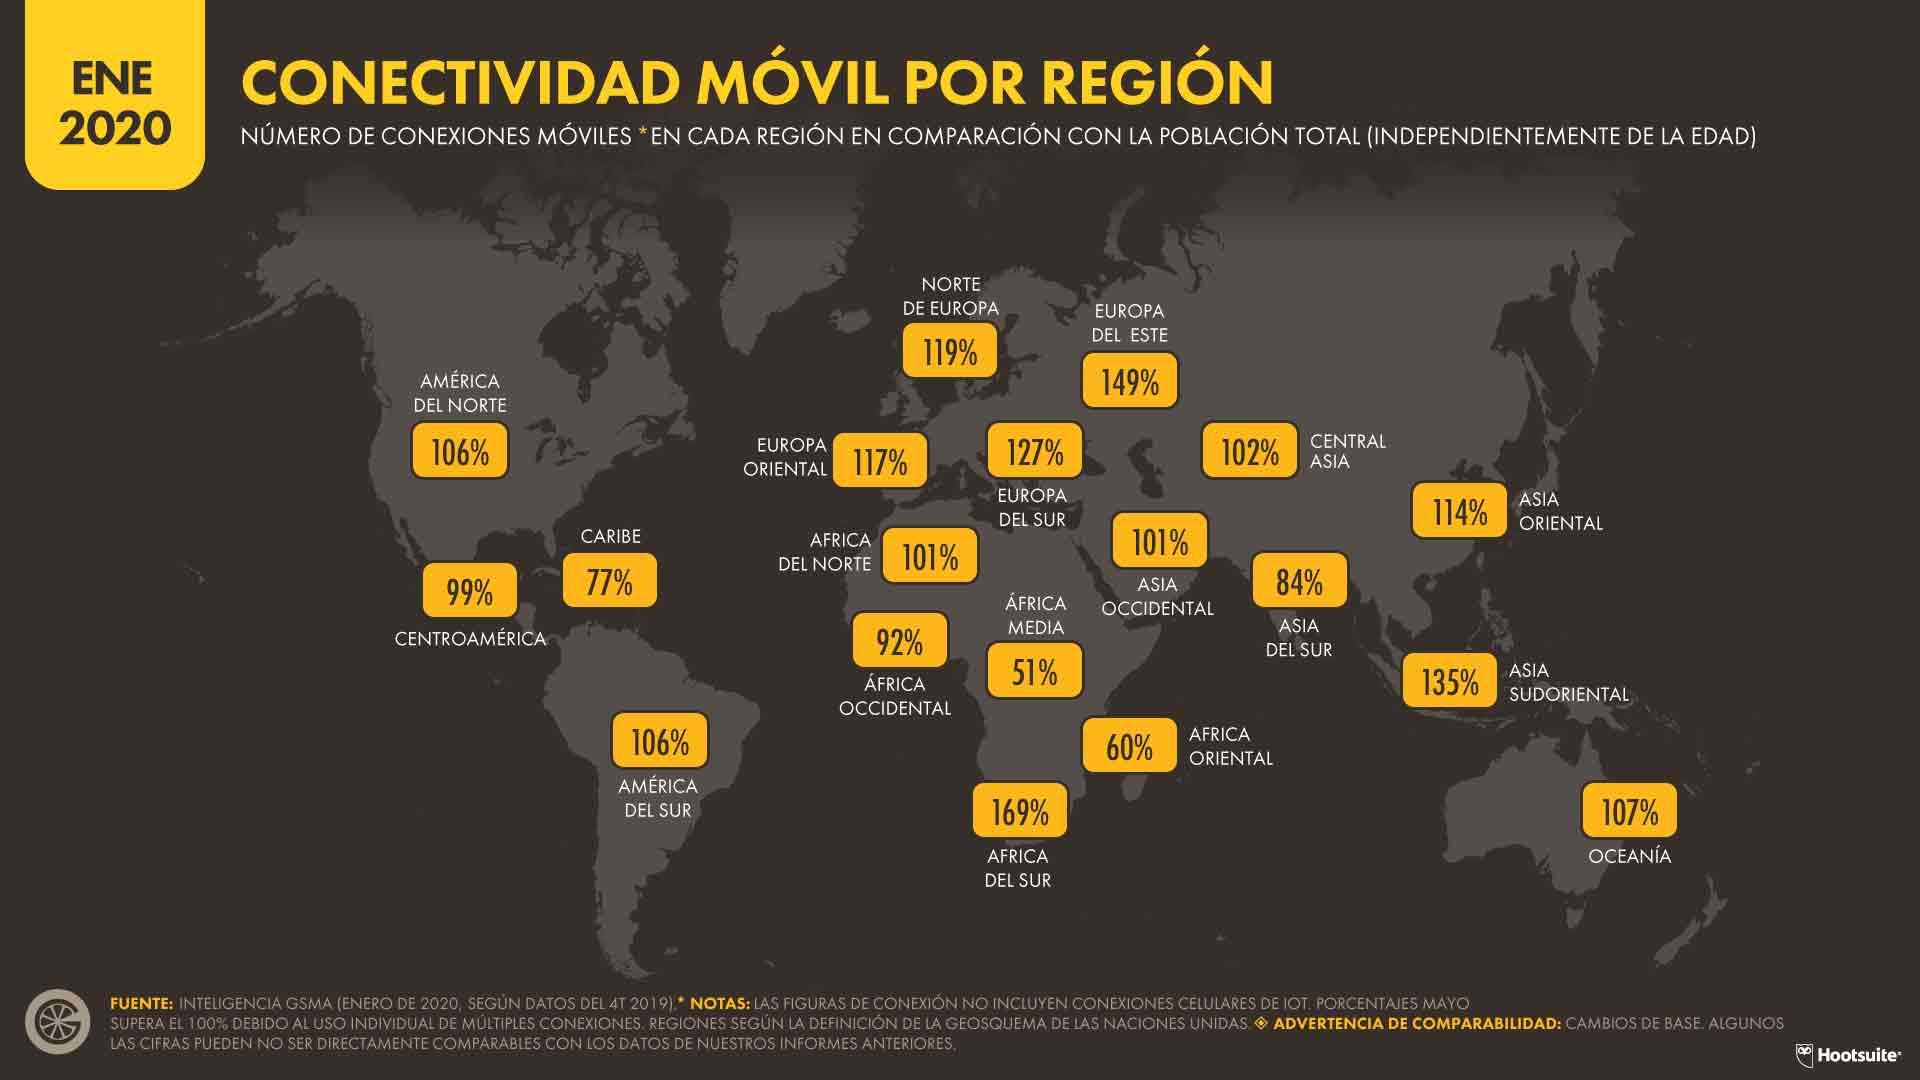 CONECTIVIDAD MoVIL POR REGIoN